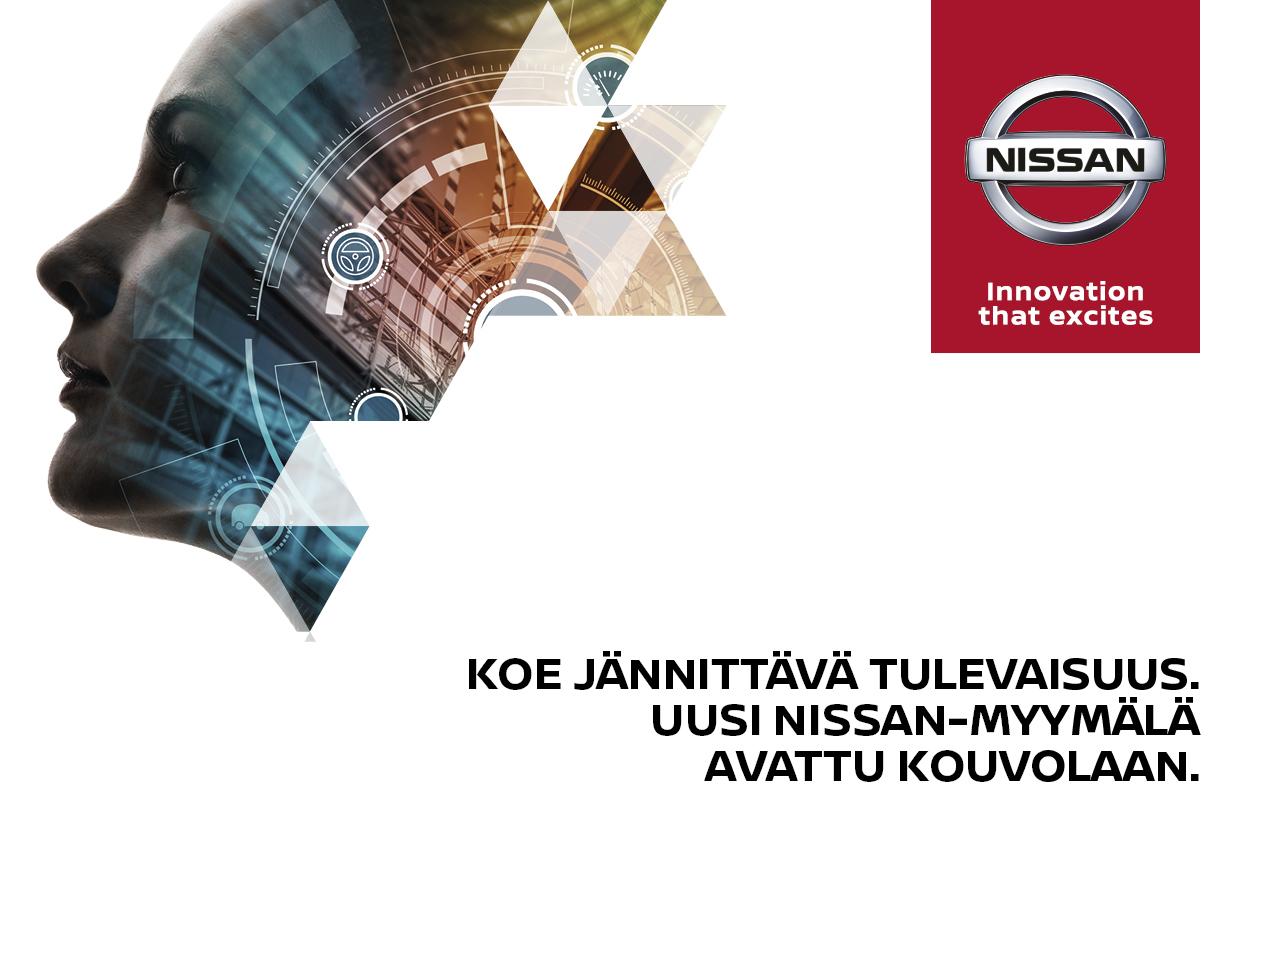 Uusi Nissan-myymälä avattu Kouvolaan